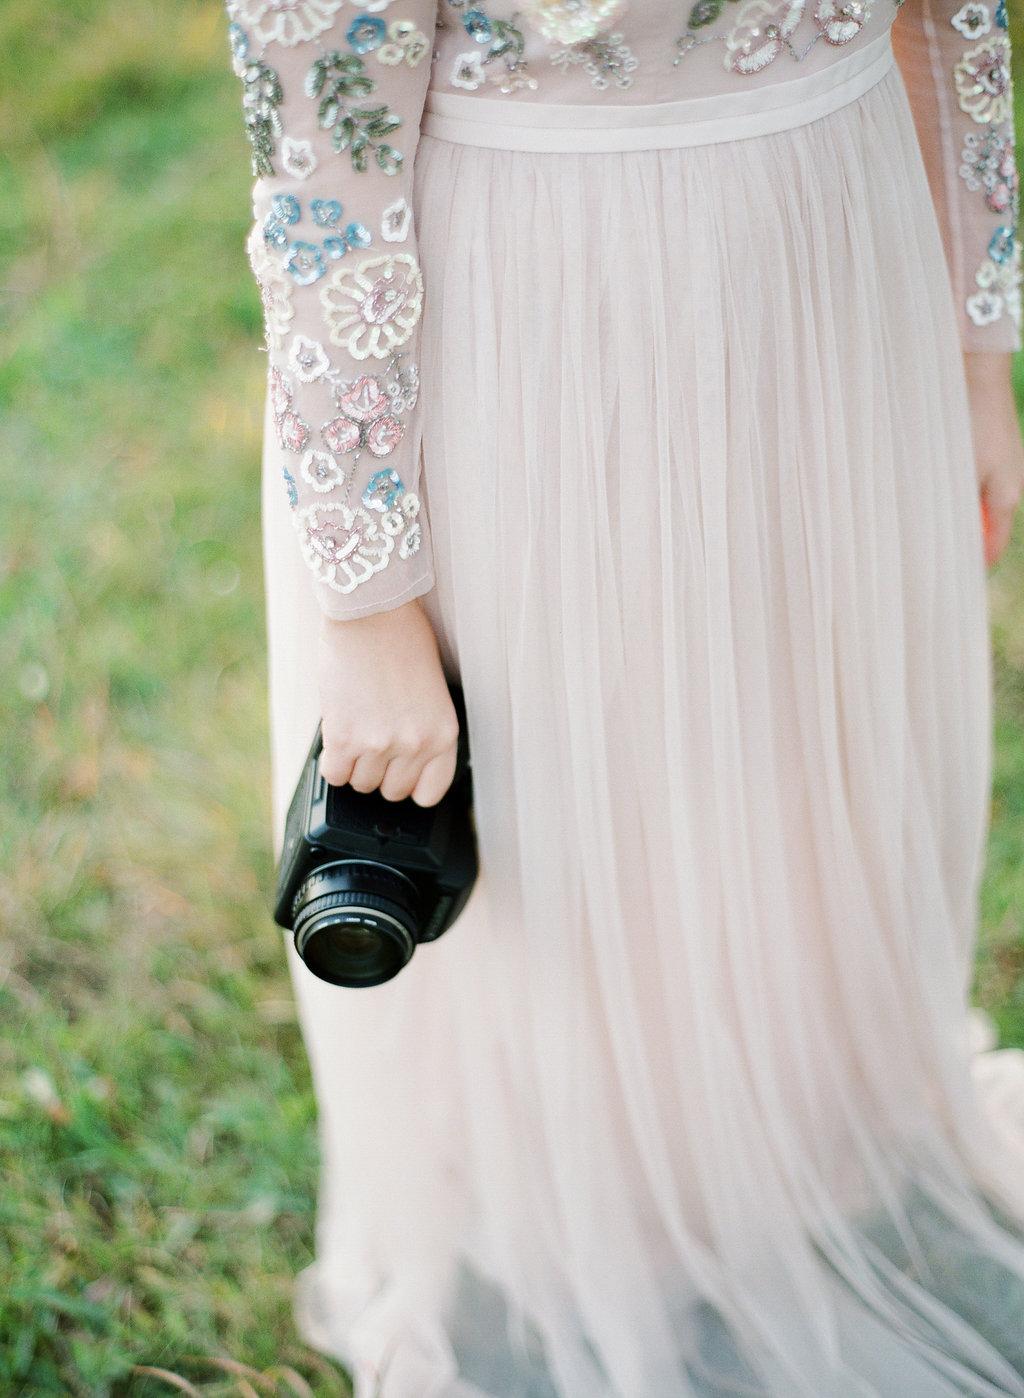 Photos by Laura Ivanova Photography